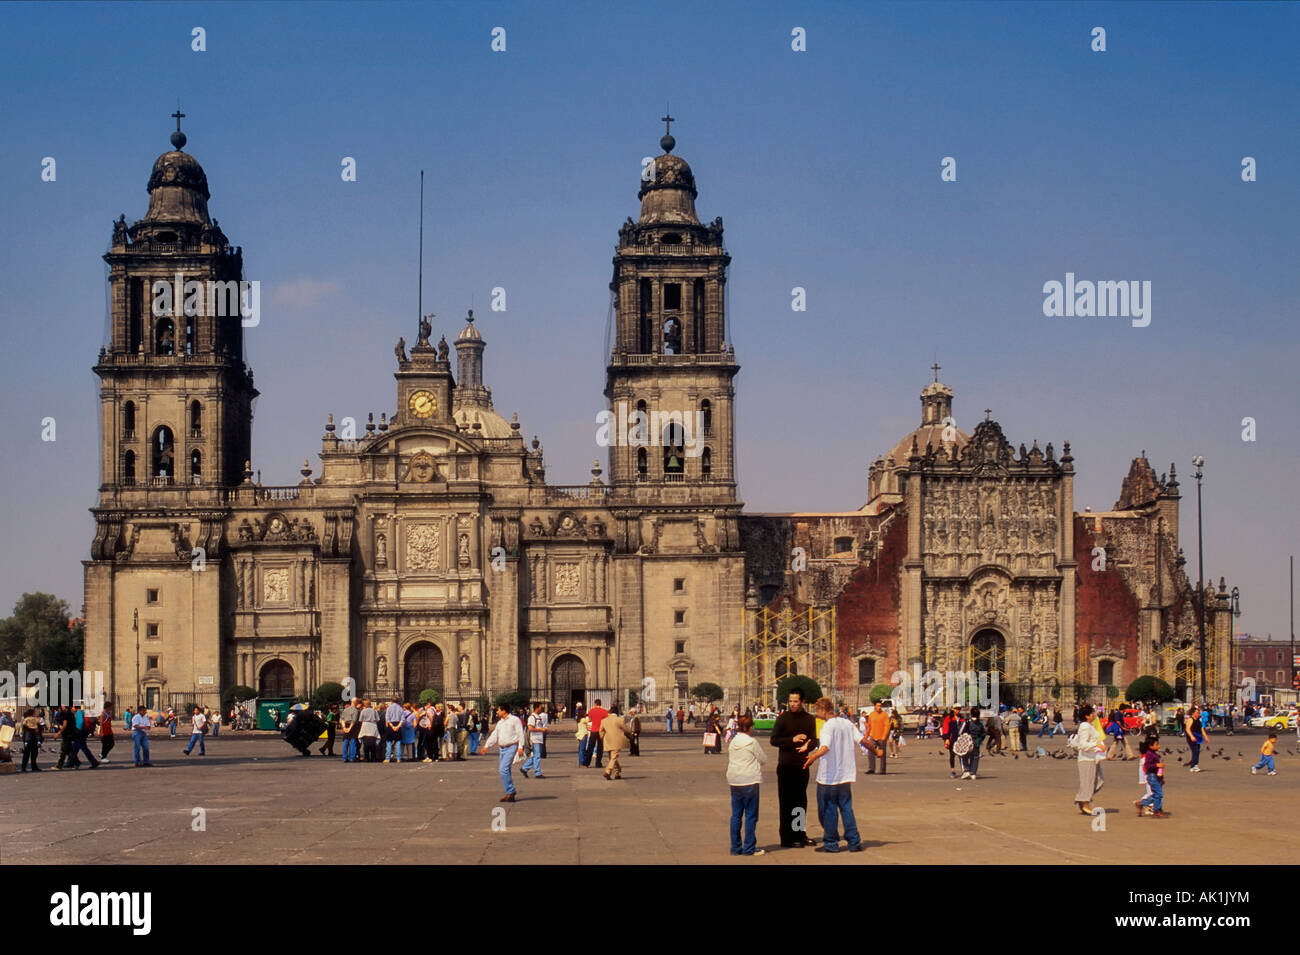 Catedral Metropolitana at Zocalo, Mexico City - Stock Image